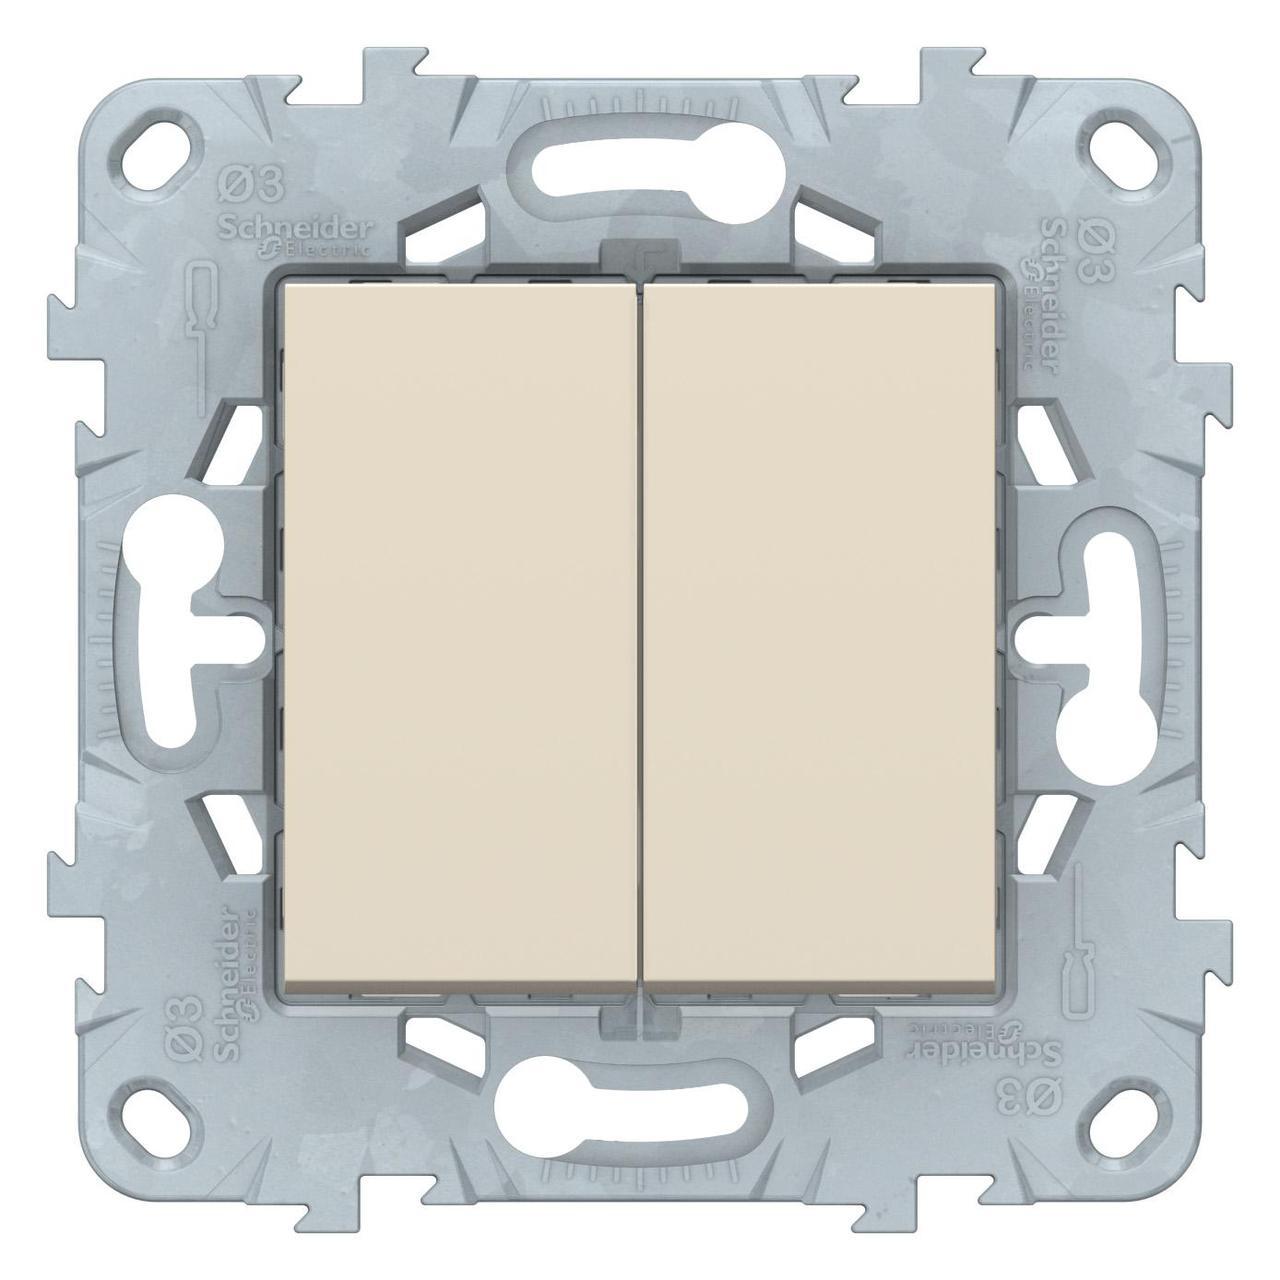 Выключатель 2-клавишный , Бежевый, серия Unica New, Schneider Electric